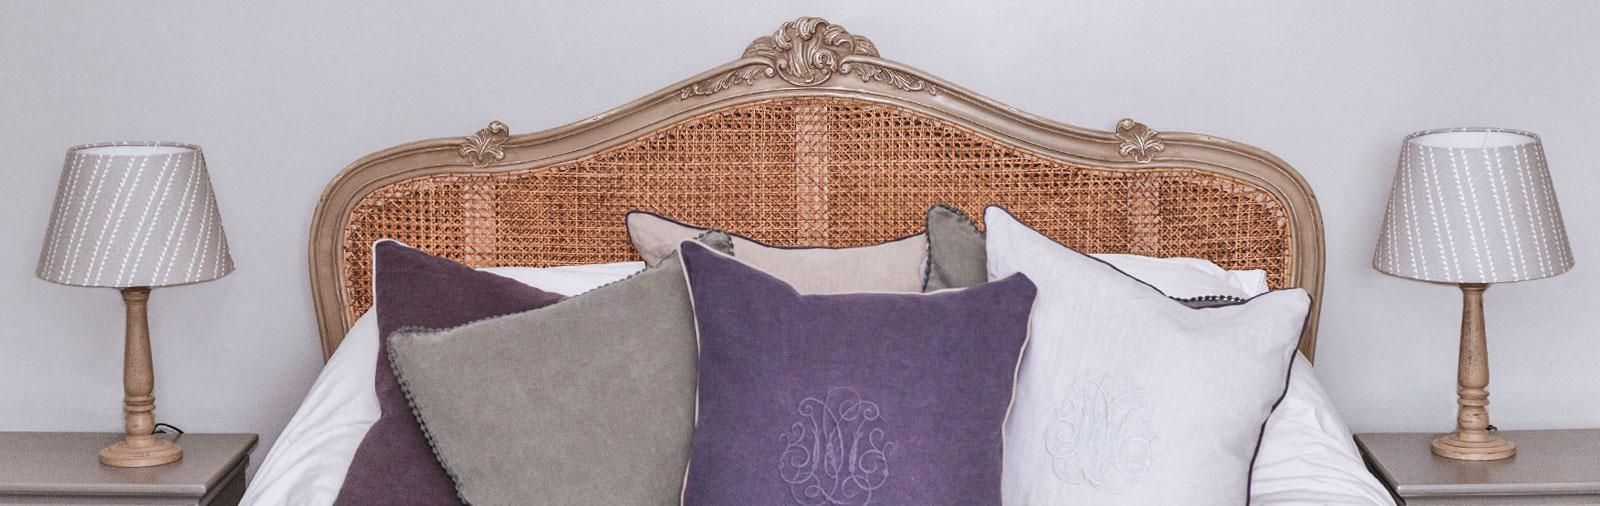 bedside-lights-cushions